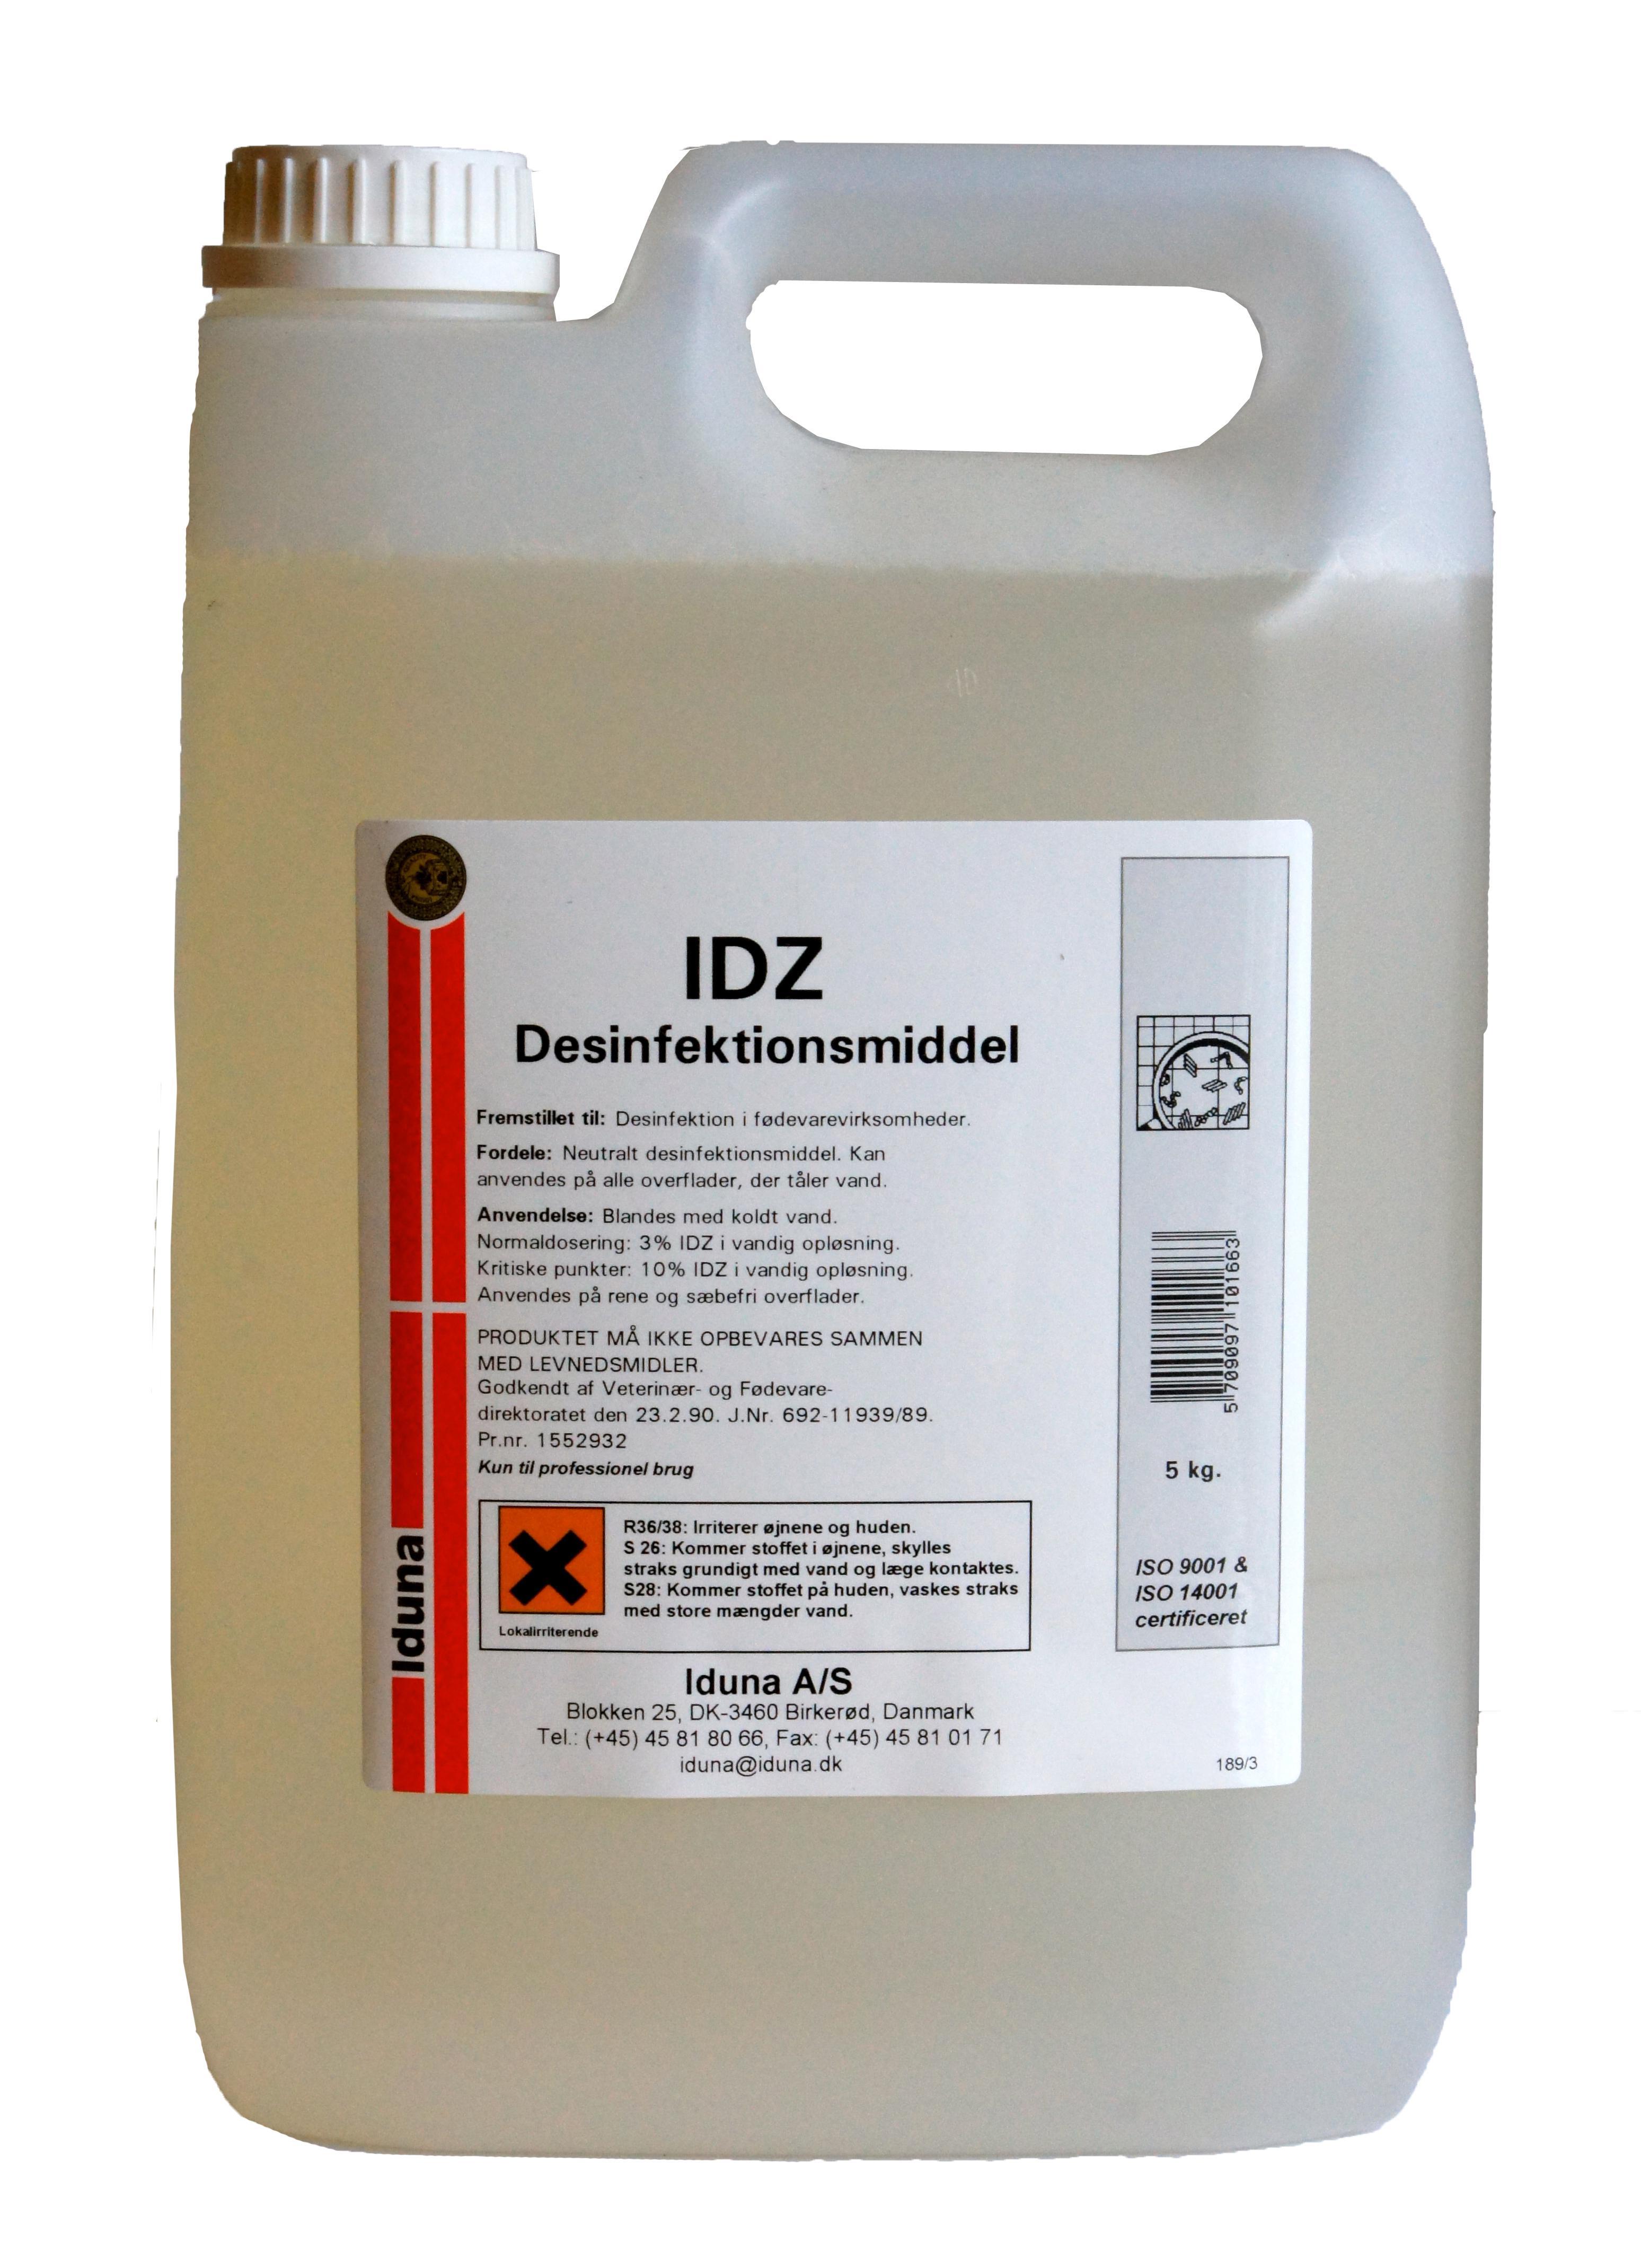 IDZ 5 kg